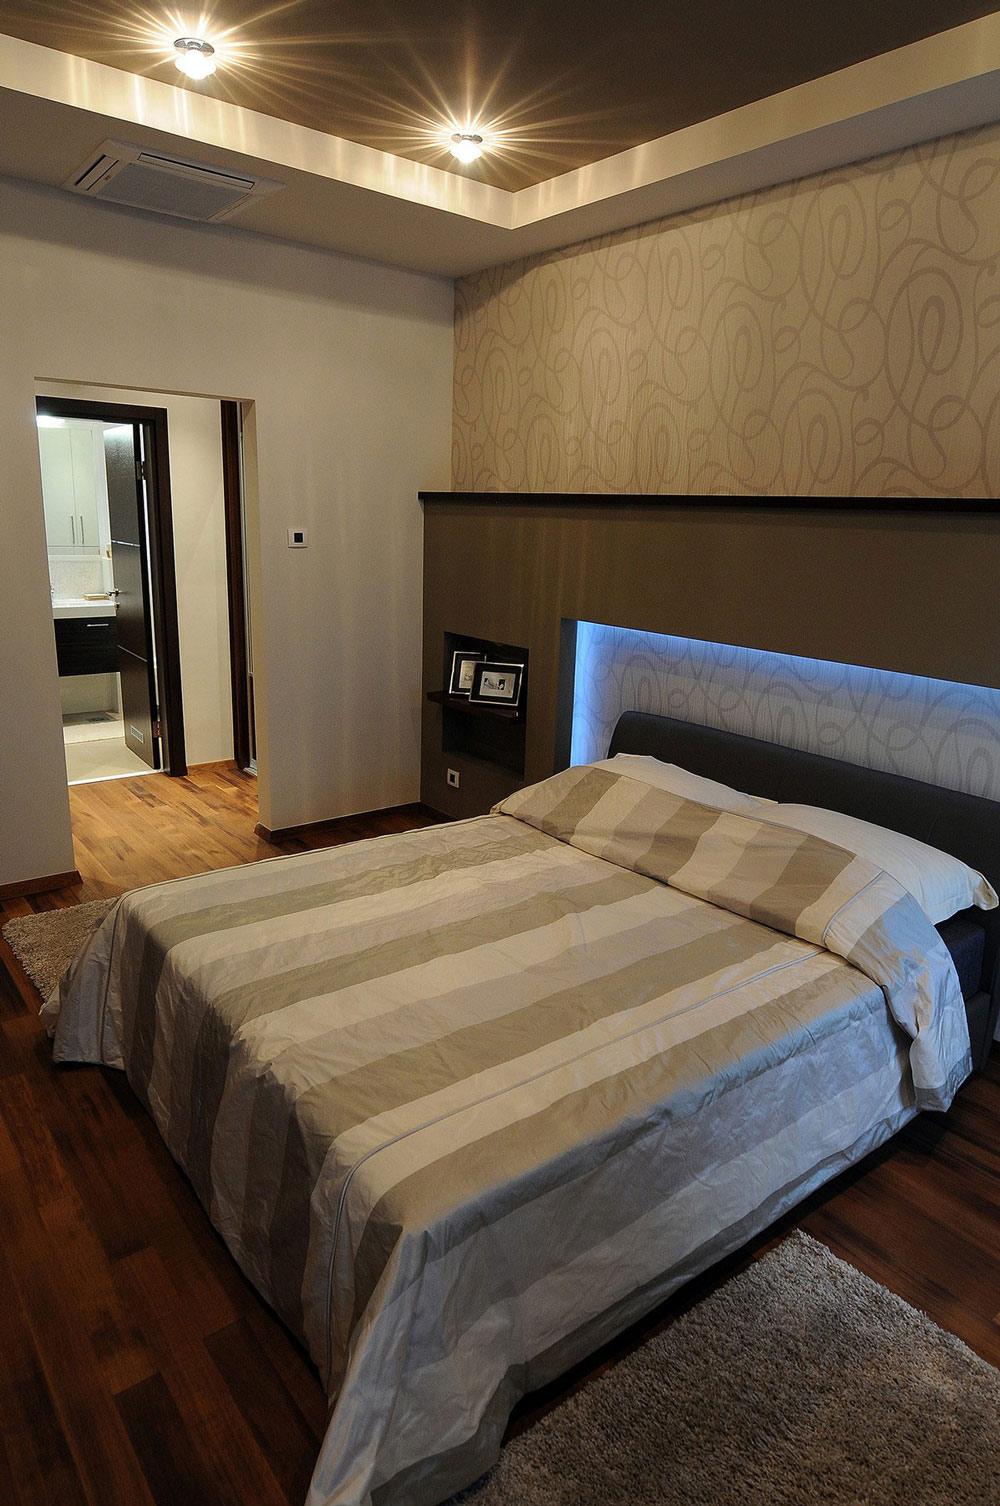 Bedroom Lighting, Penthouse in Belgrade, Serbia